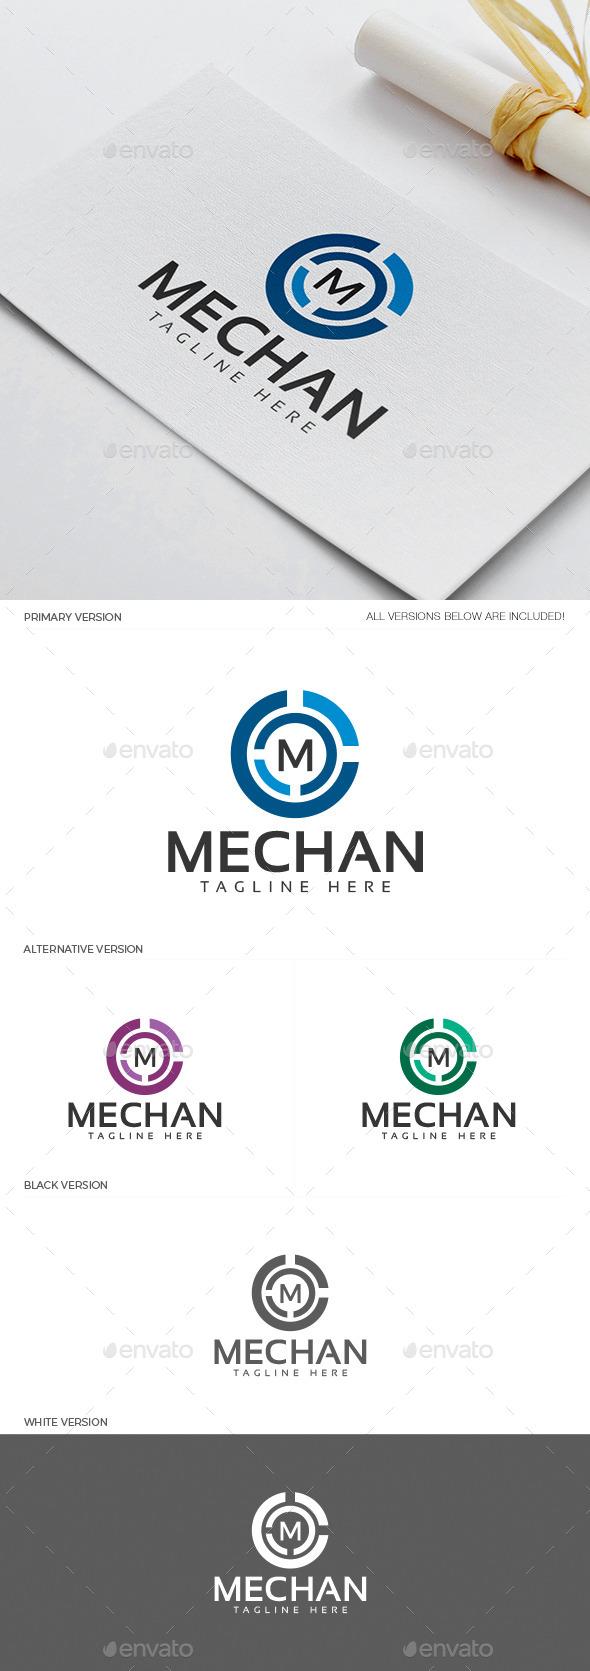 GraphicRiver Mechan Logo 11937879